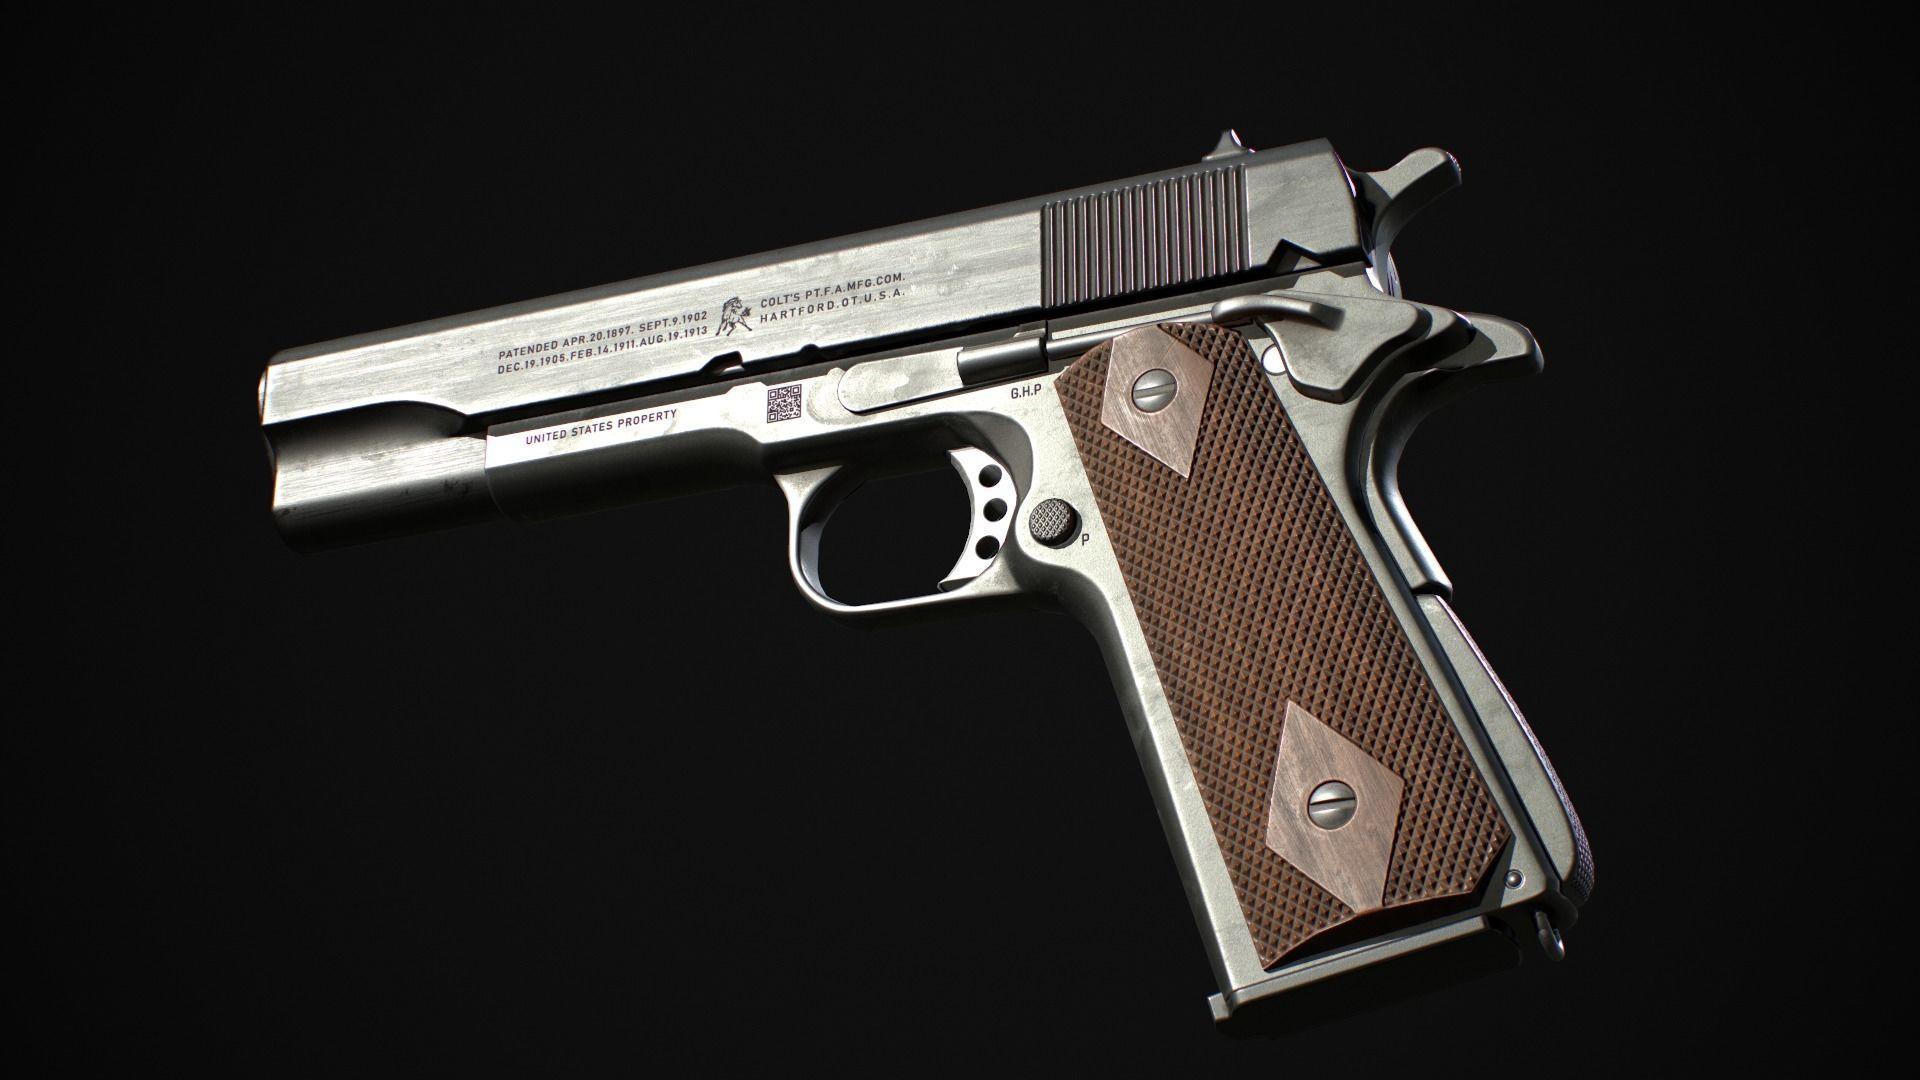 Colt 1911 Hand Gun